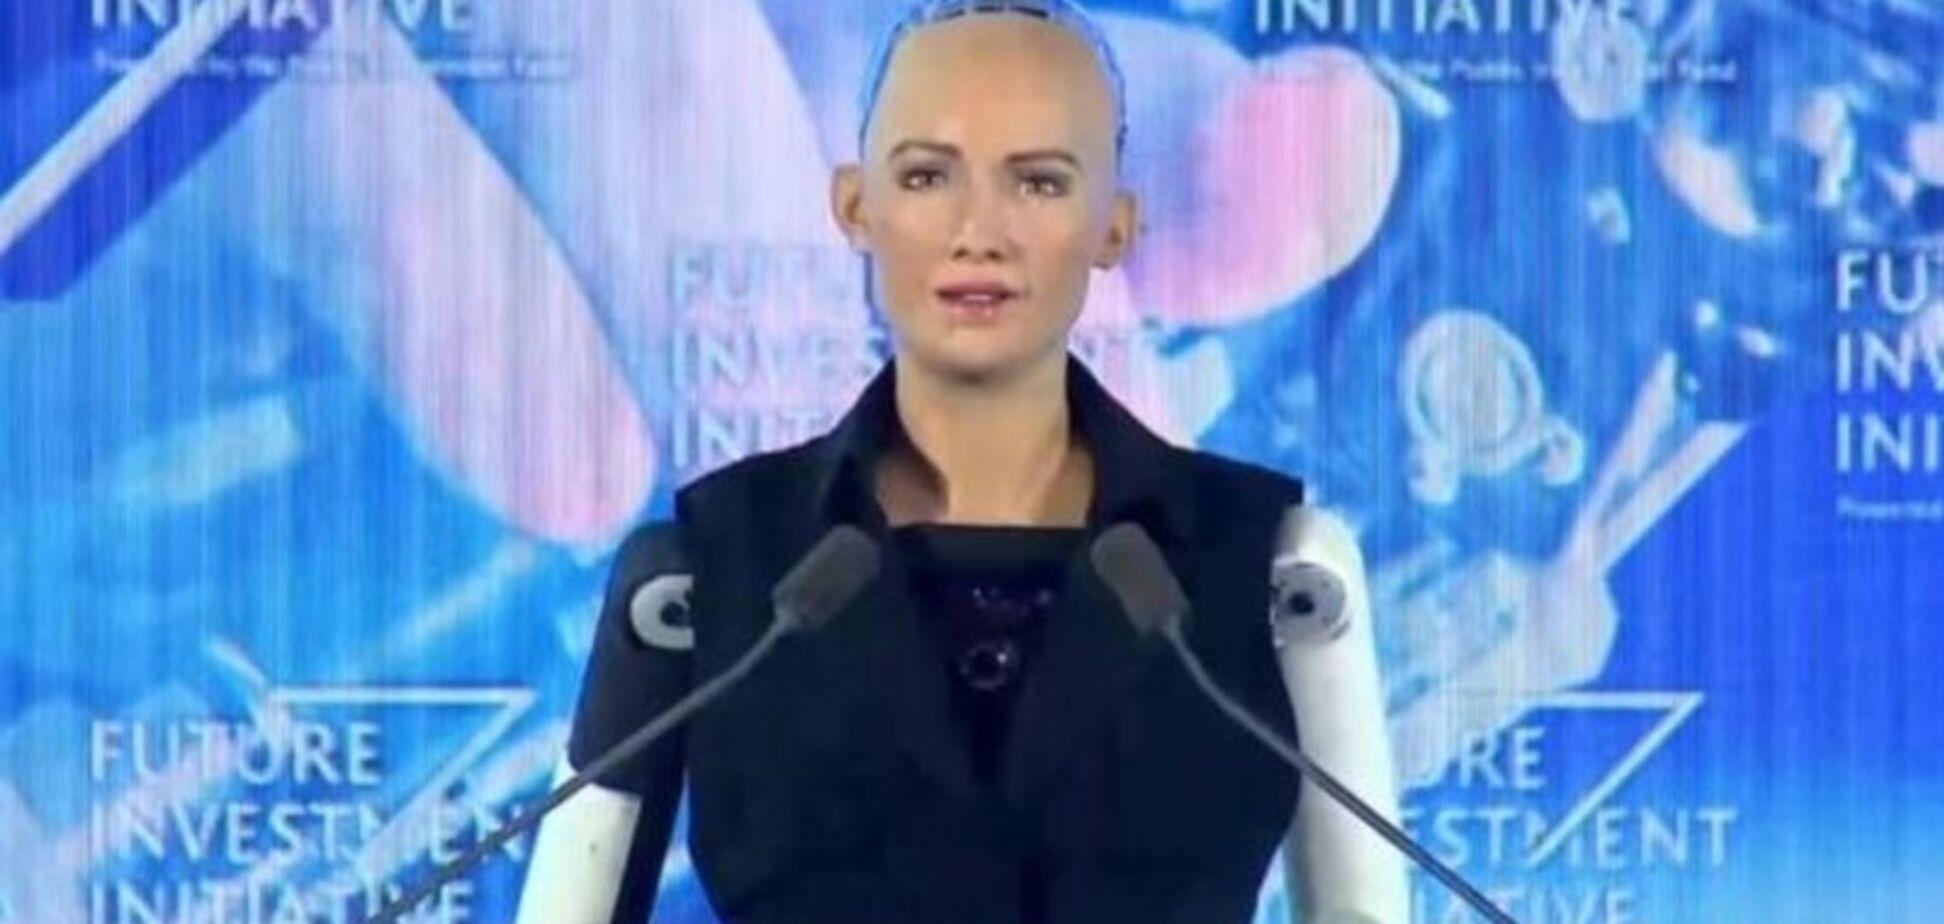 А раніше погодився знищити людей: як робот вперше отримав громадянство